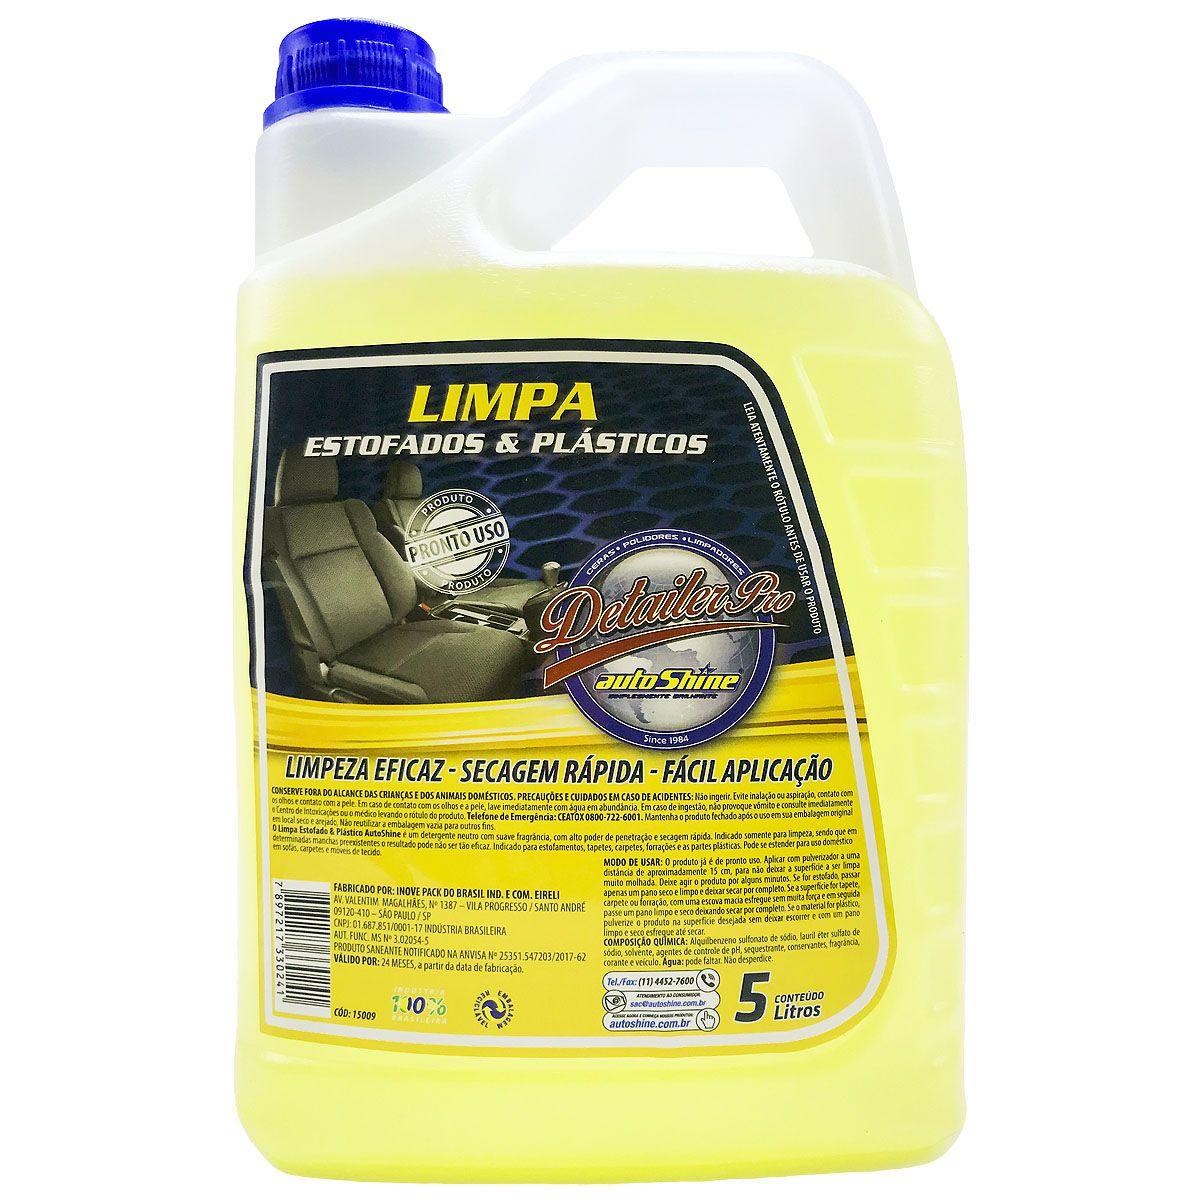 Limpa Estofados e Plásticos 5 Litros Autoshine